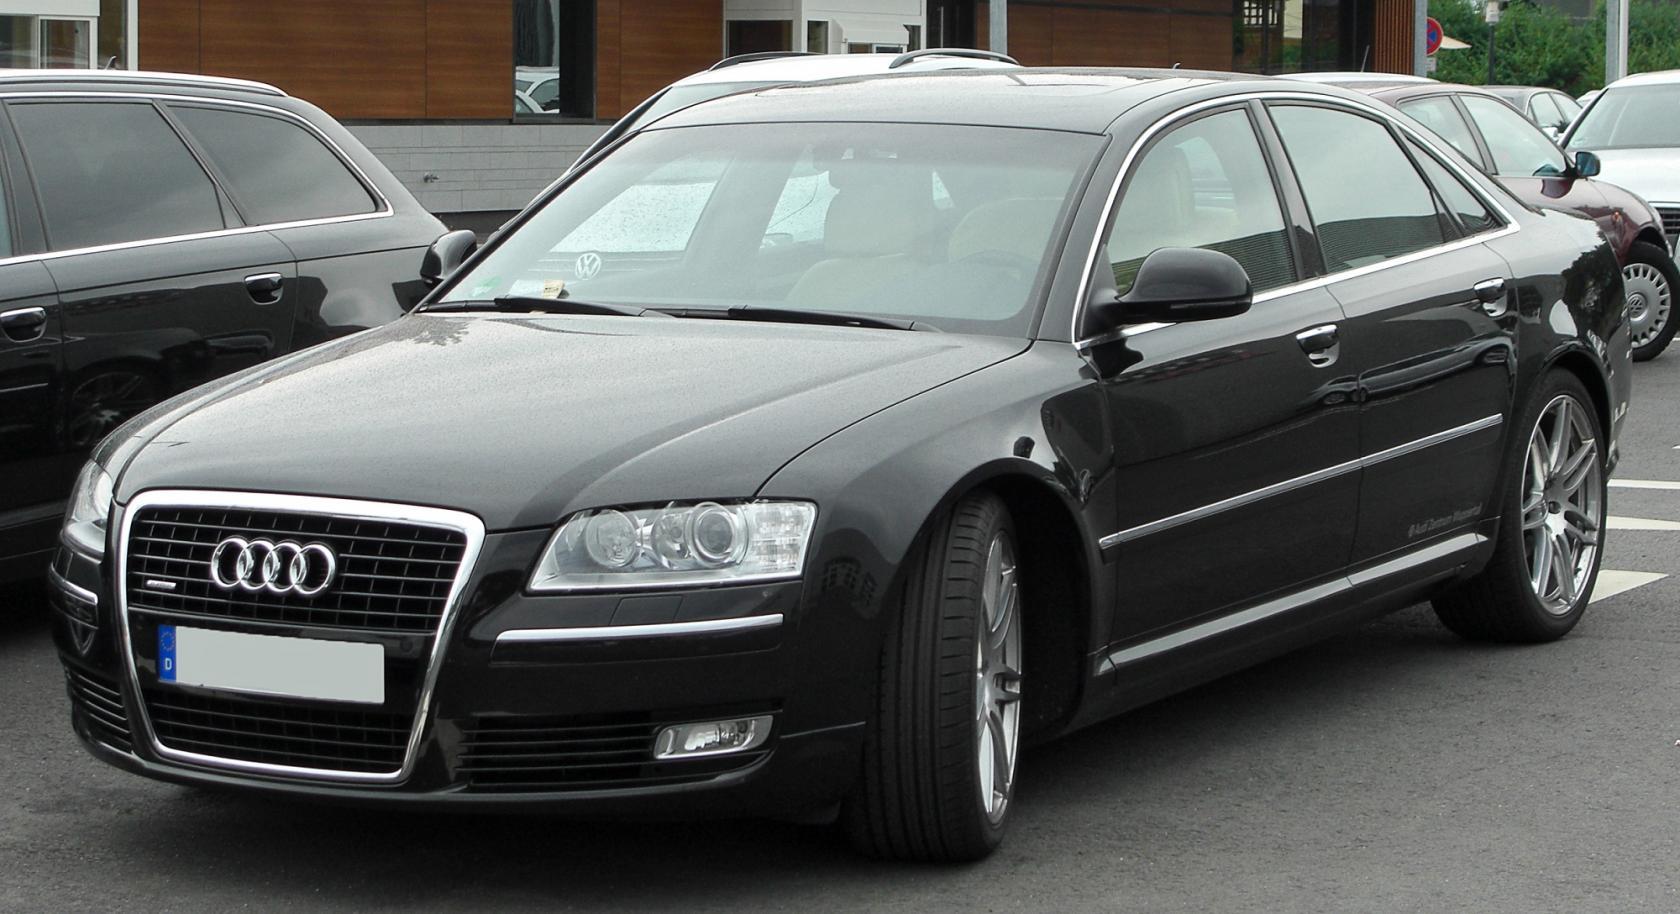 Audi-A8-D3-1